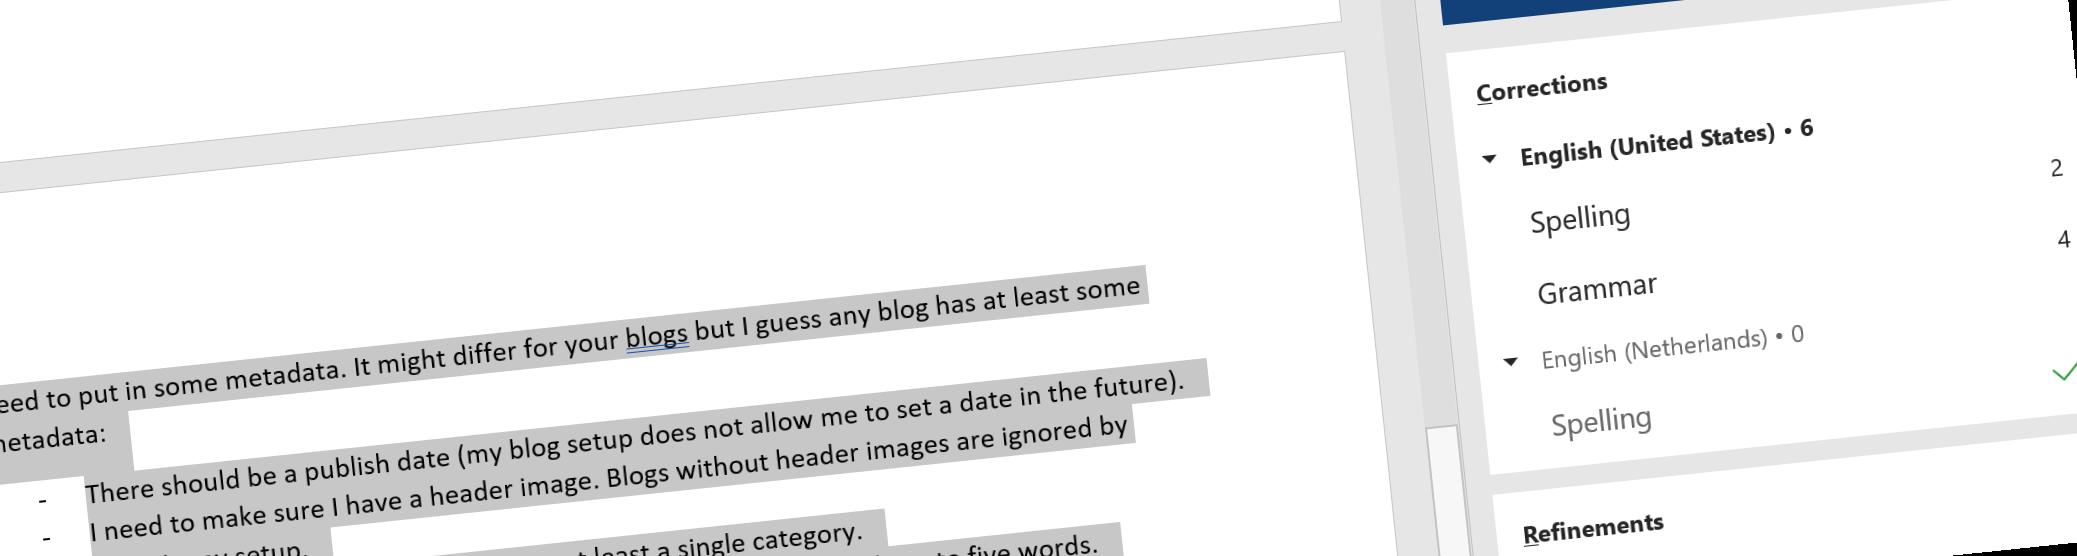 My blog checklist header image